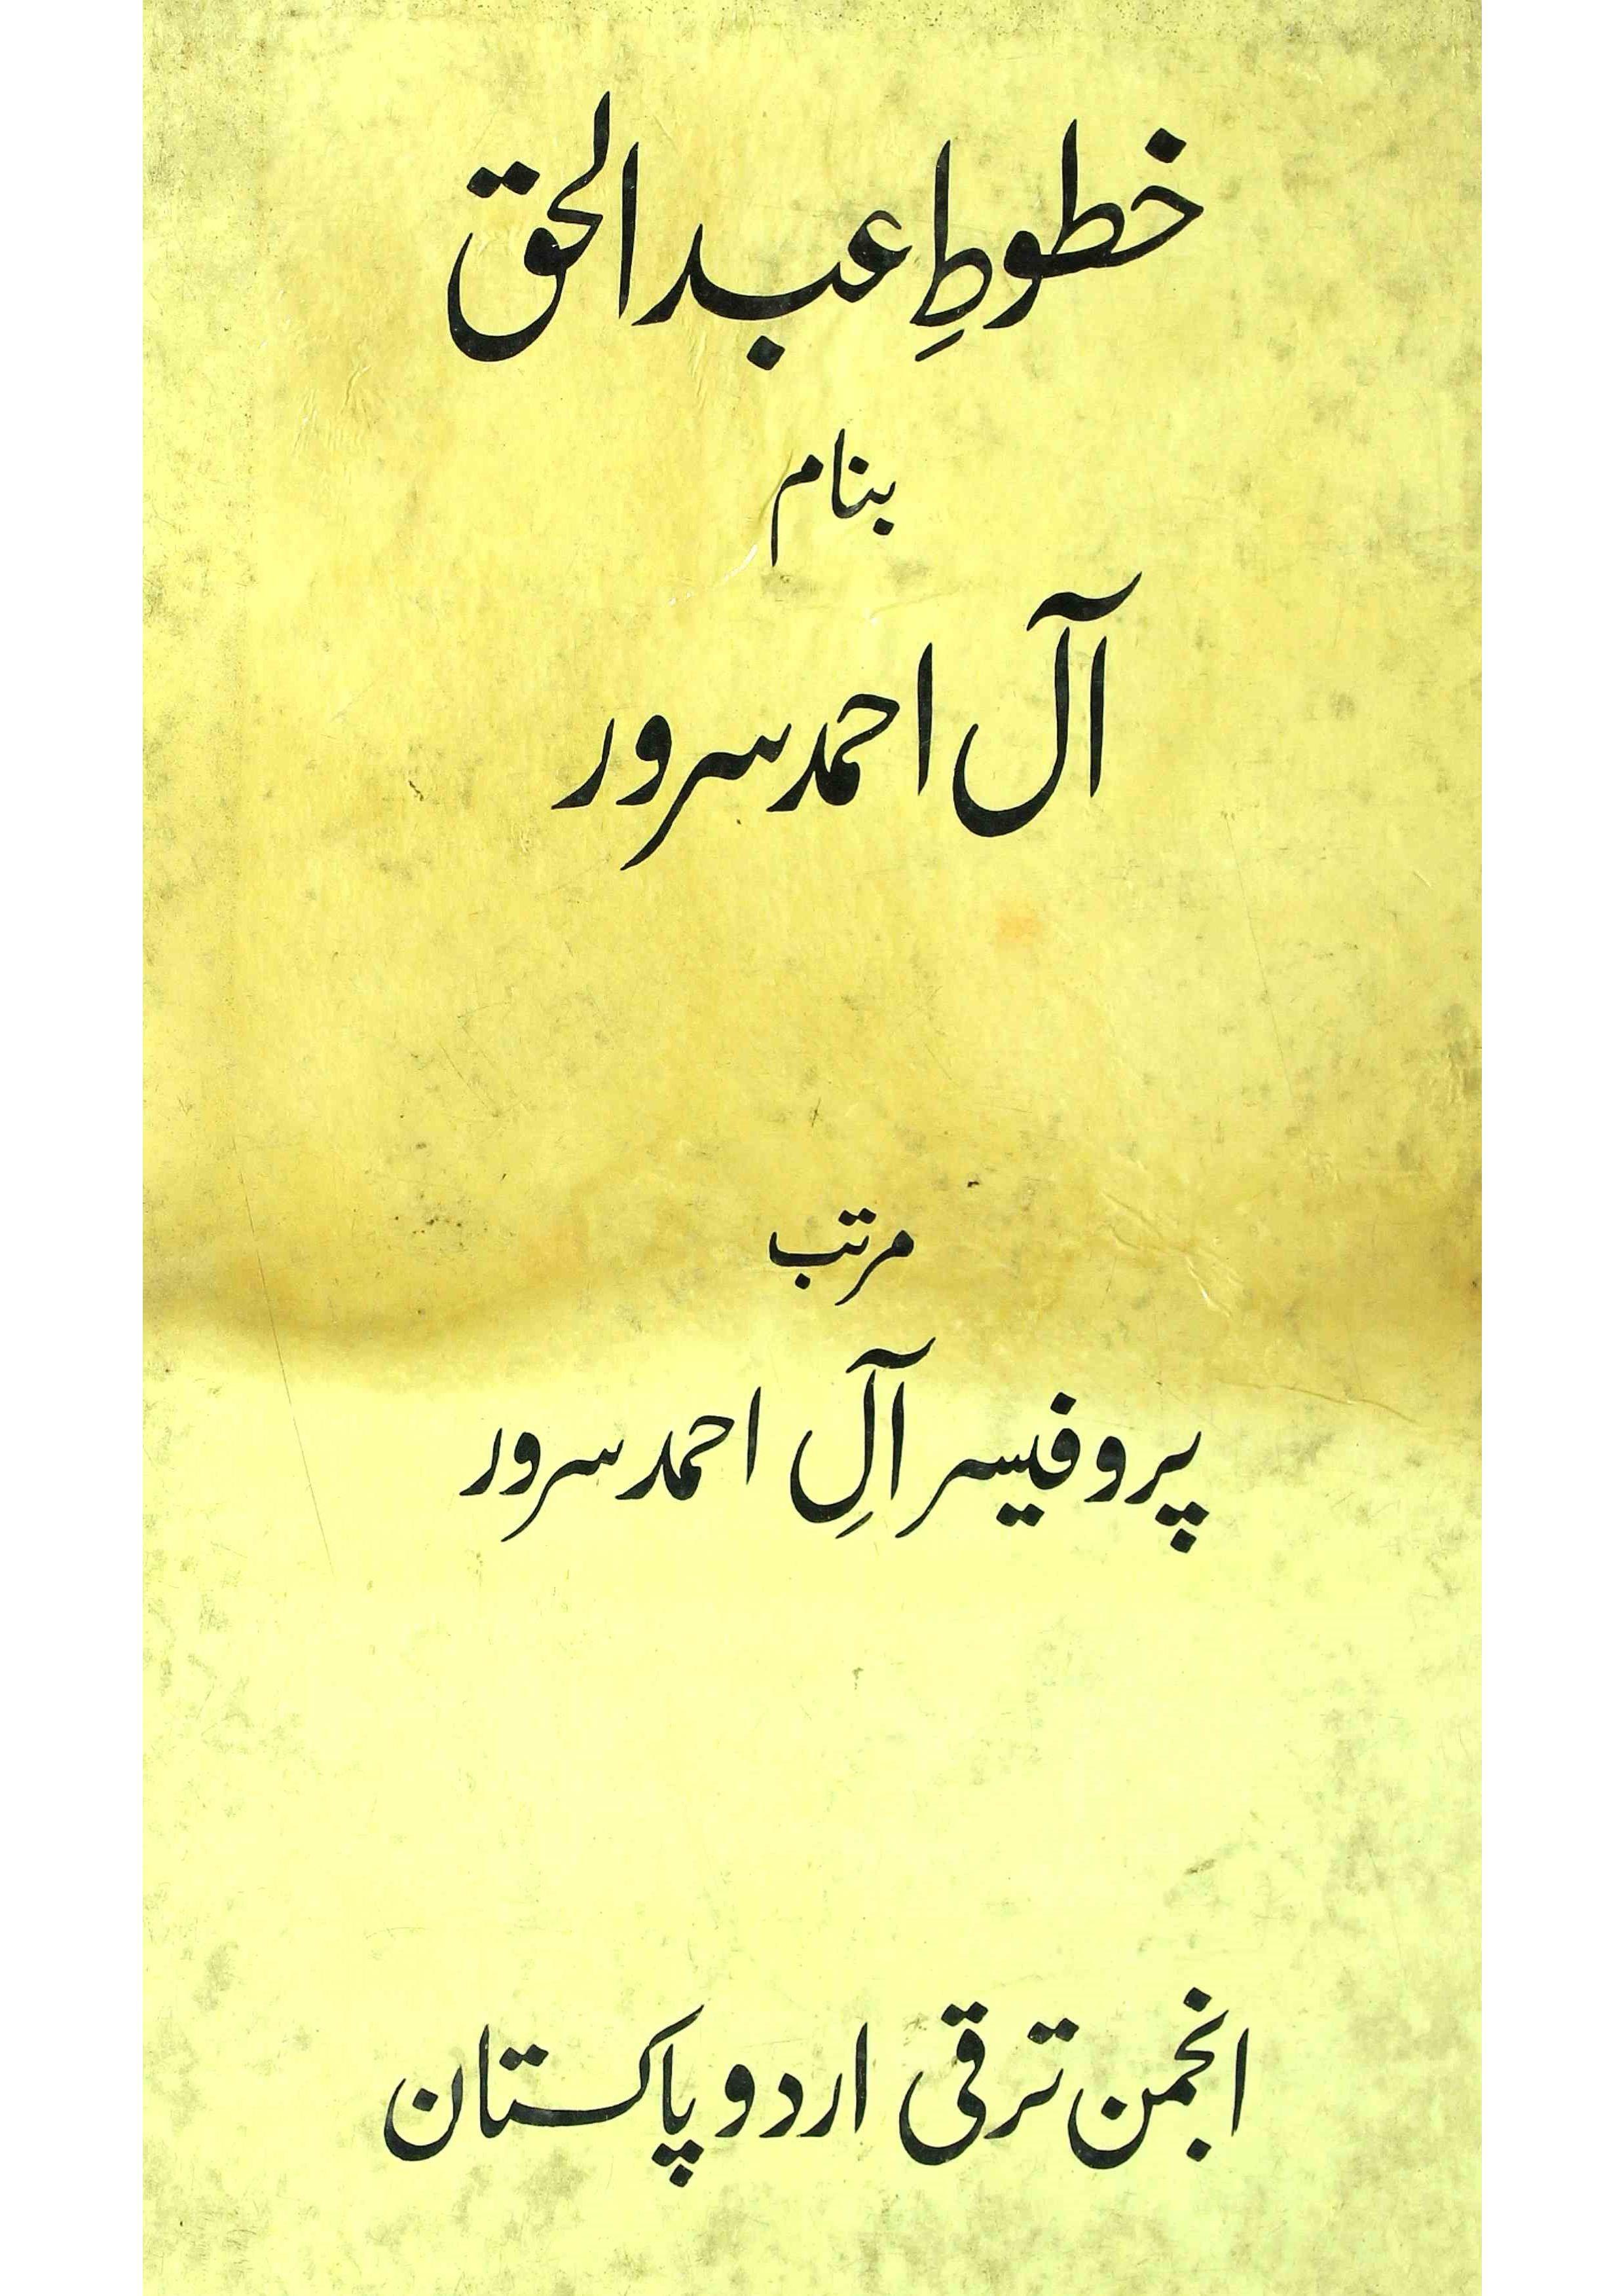 Khutoot-e-Abdul Haque Banam Aal-e-Ahmad Suroor